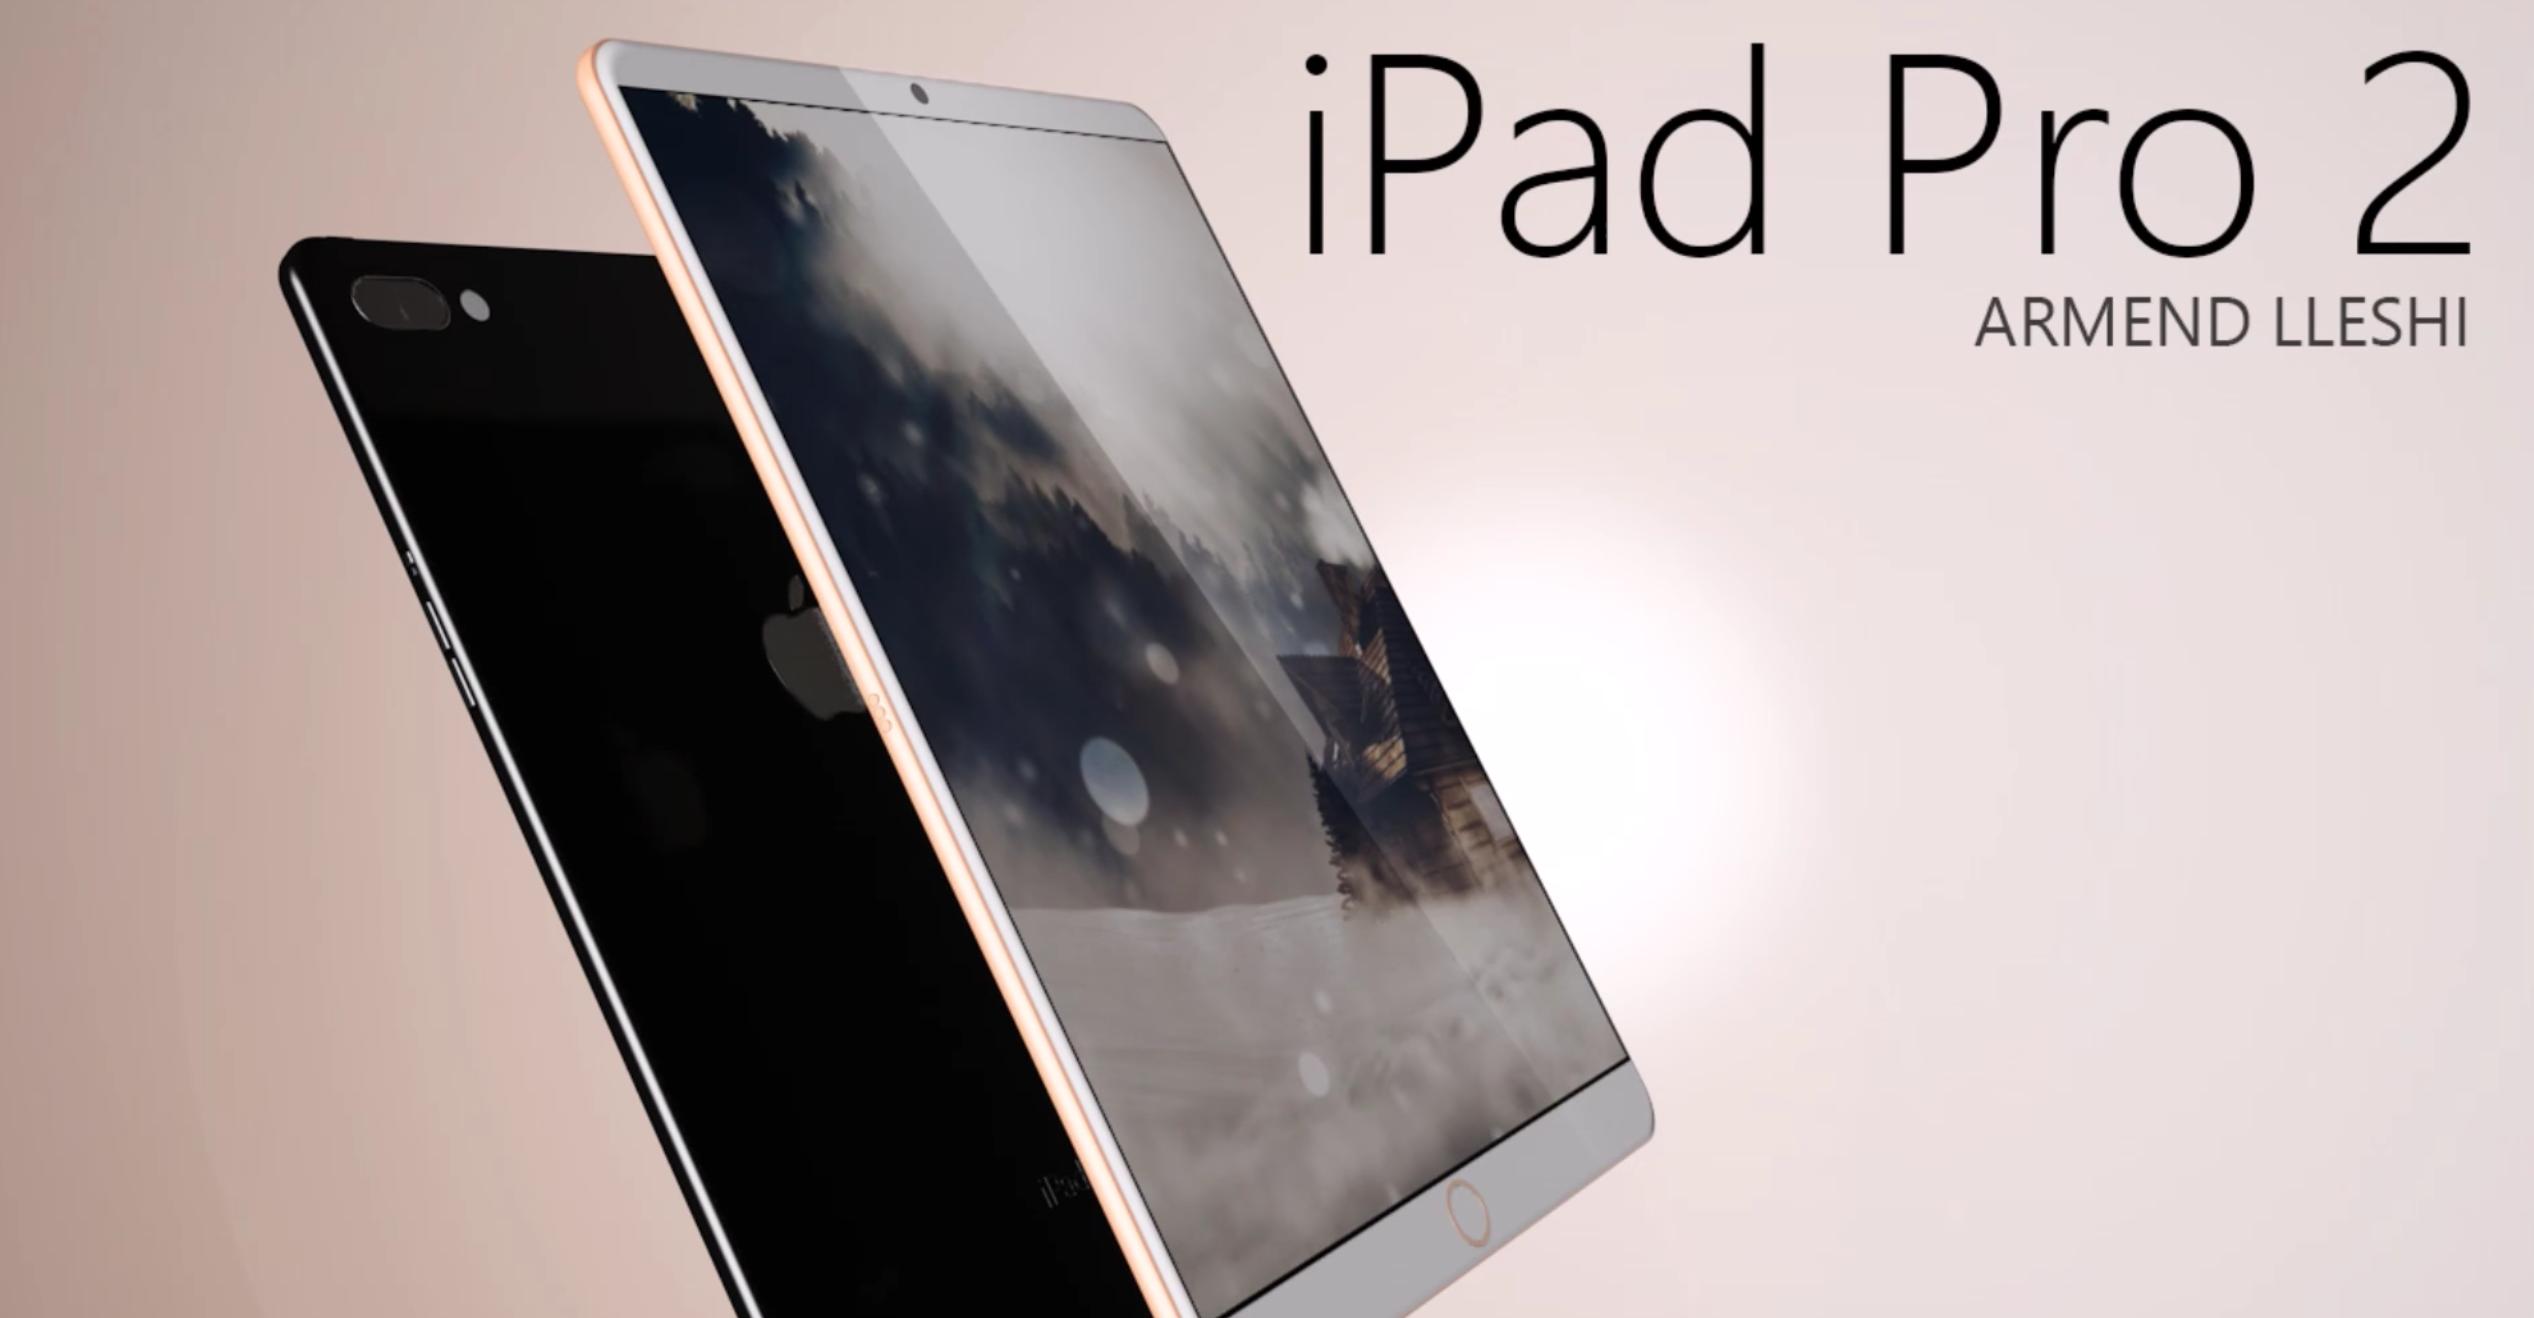 やはりすでに10.5インチiPad Proの生産は始まっていた!もうすぐ発表!!